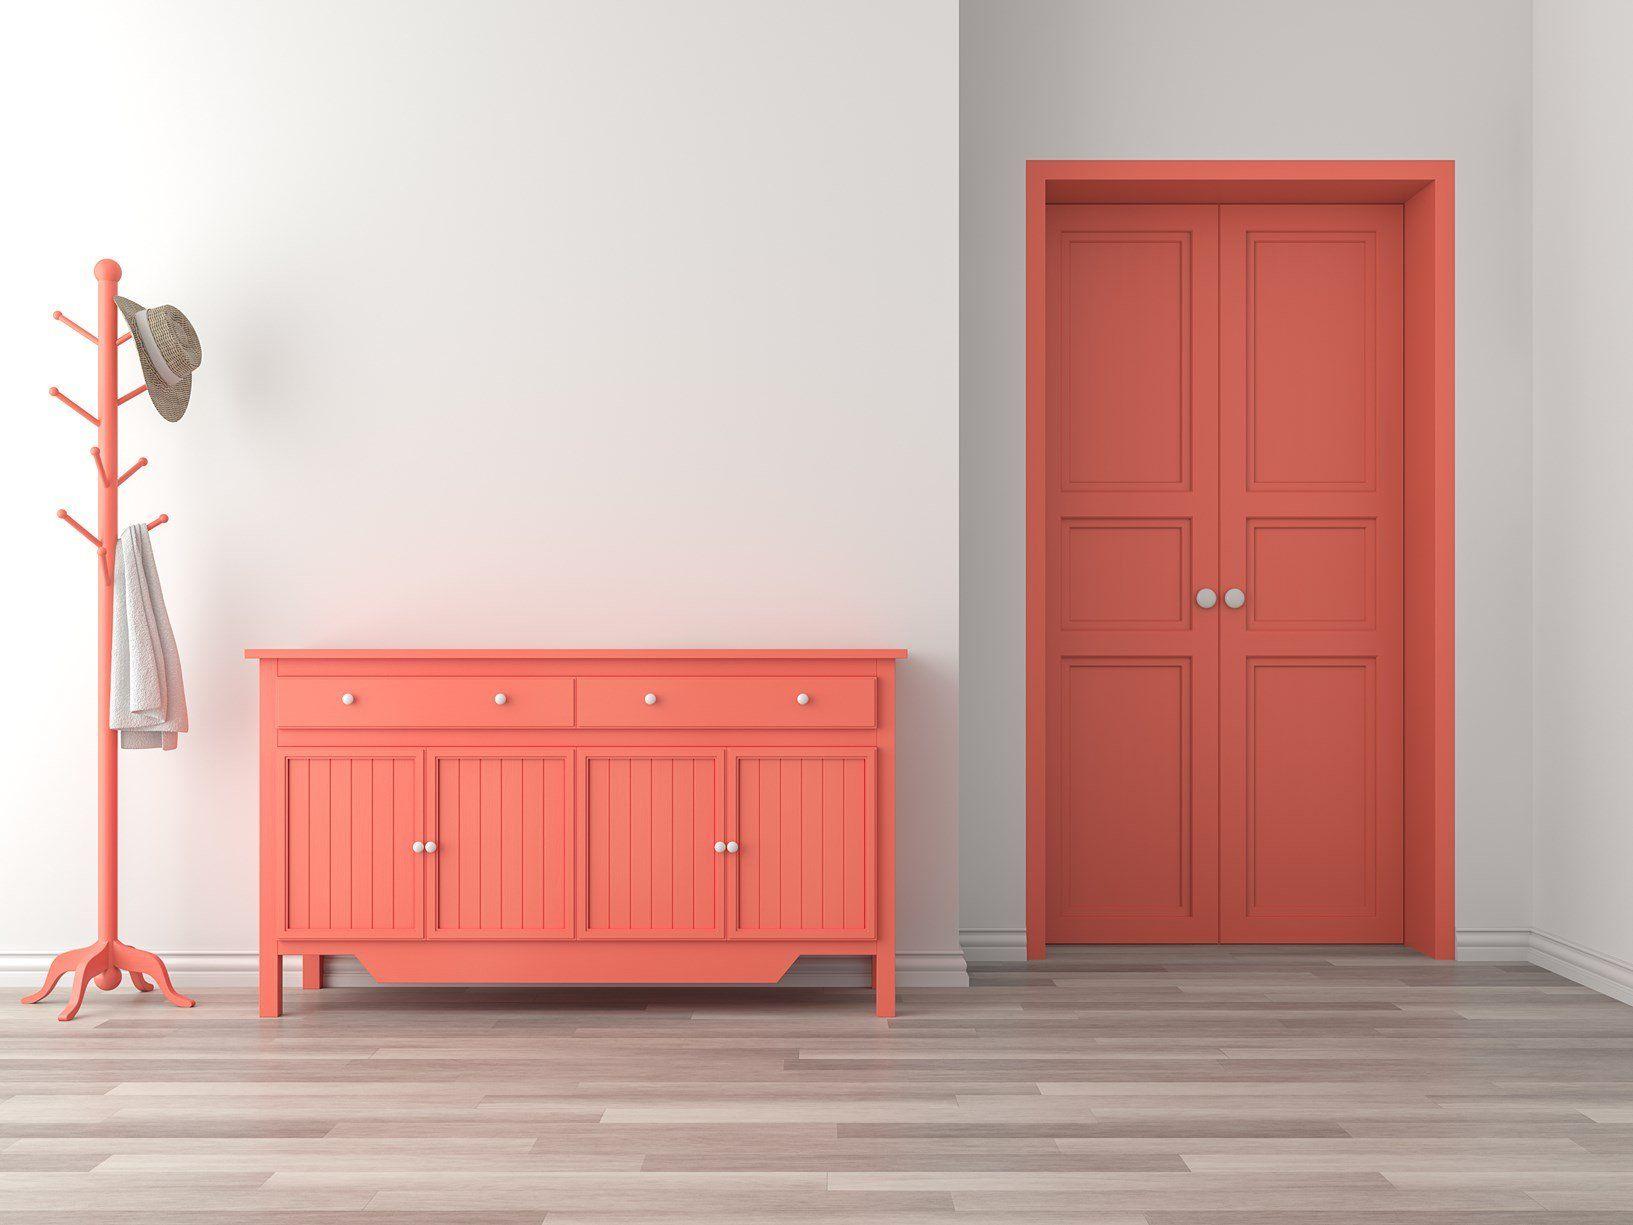 Tinteggiare e decorare l'ingresso di casa con le pitture MaxMeyer e le soluzioni vernicianti Rust-Oleum